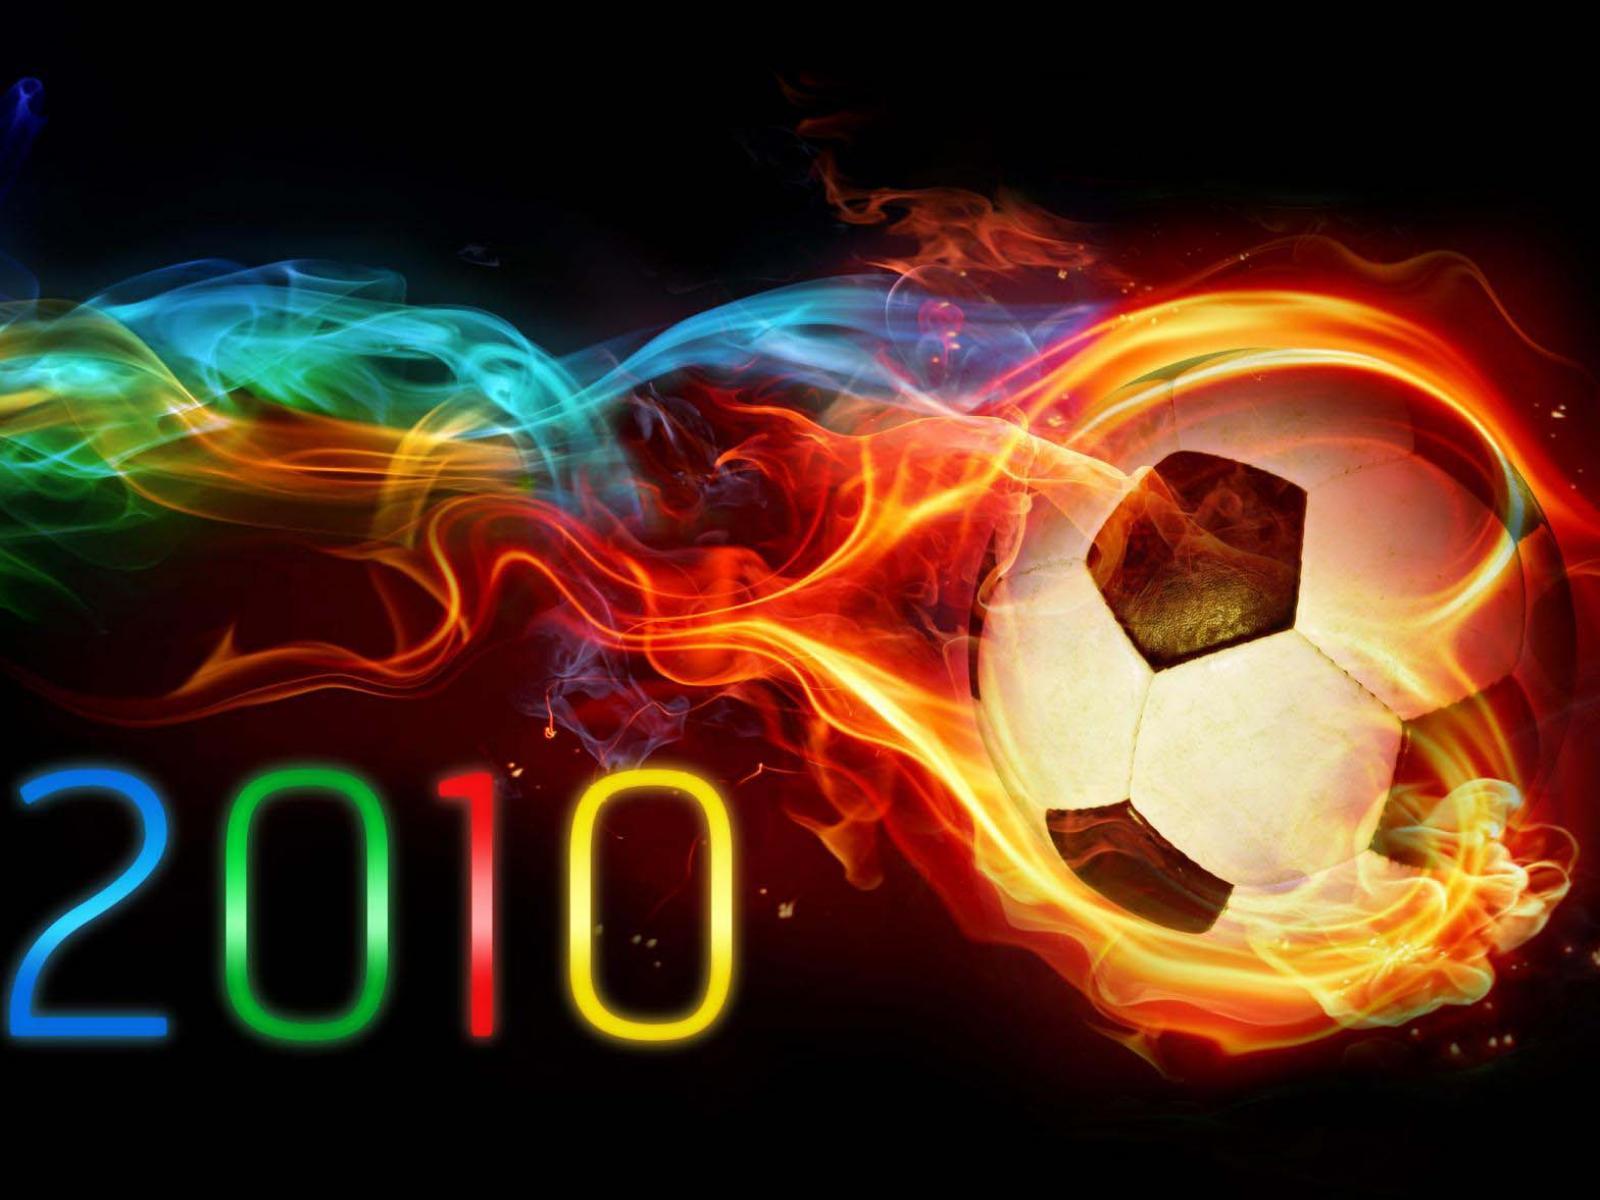 Стола спорт футбол спорта 1600x1200